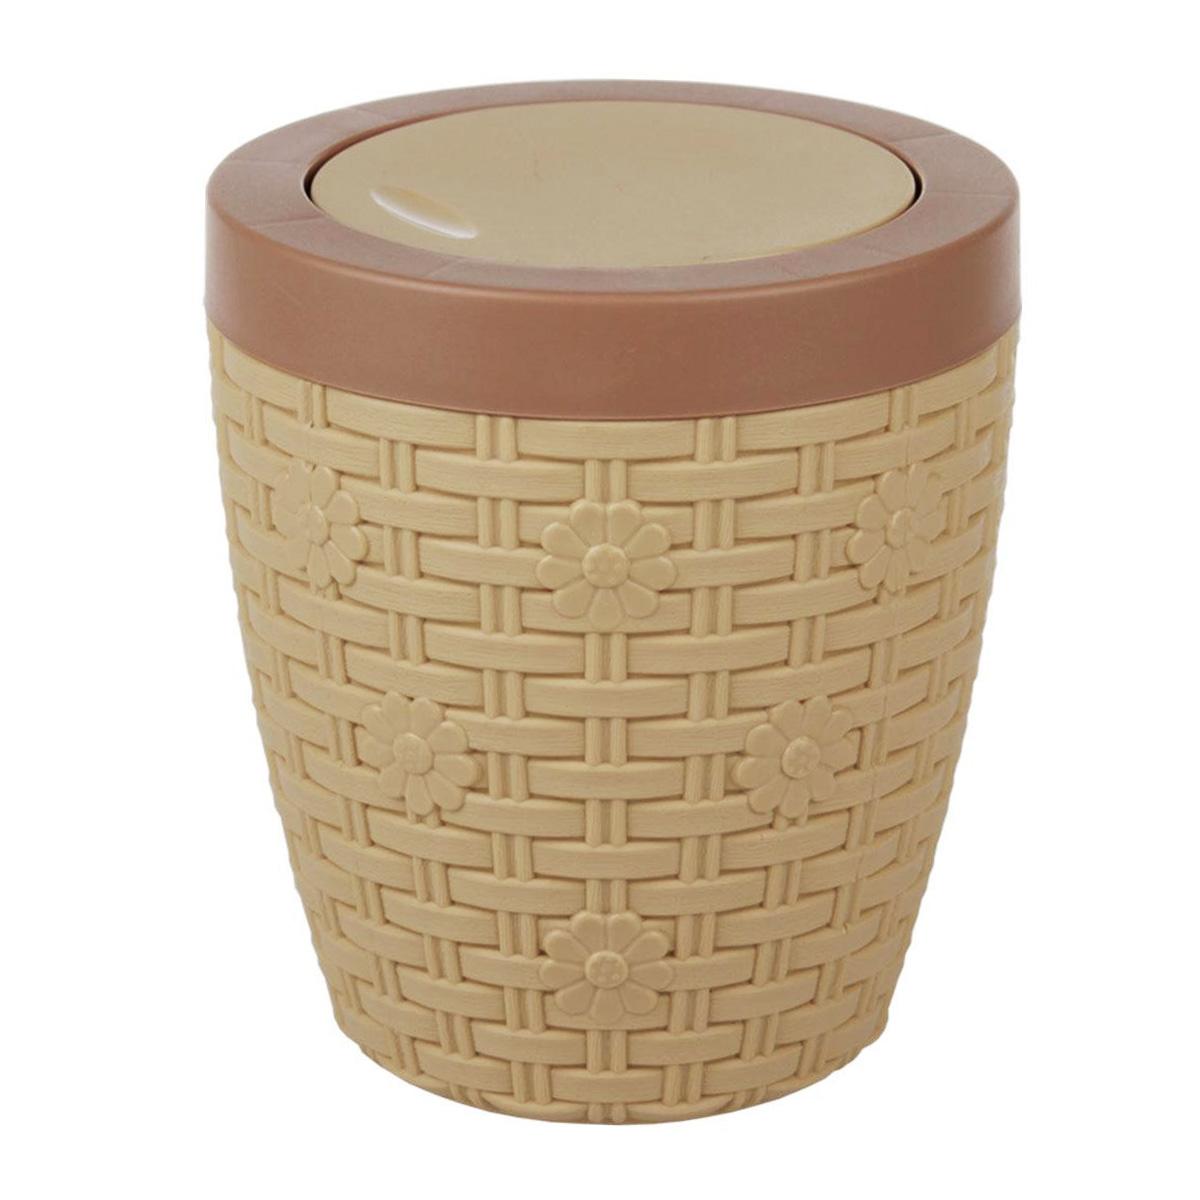 Контейнер для мусора Альтернатива Плетенка, цвет: светло-бежевый, 1,5 лМ2356Контейнер для мусора Альтернатива Плетенка изготовлен из прочного пластика. Внешние стенки оформлены оригинальным плетением. Такой аксессуар очень удобен в использовании, как дома, так и в офисе. Контейнер снабжен удобной поворачивающейся крышкой. Стильный дизайн сделает его прекрасным украшением интерьера.